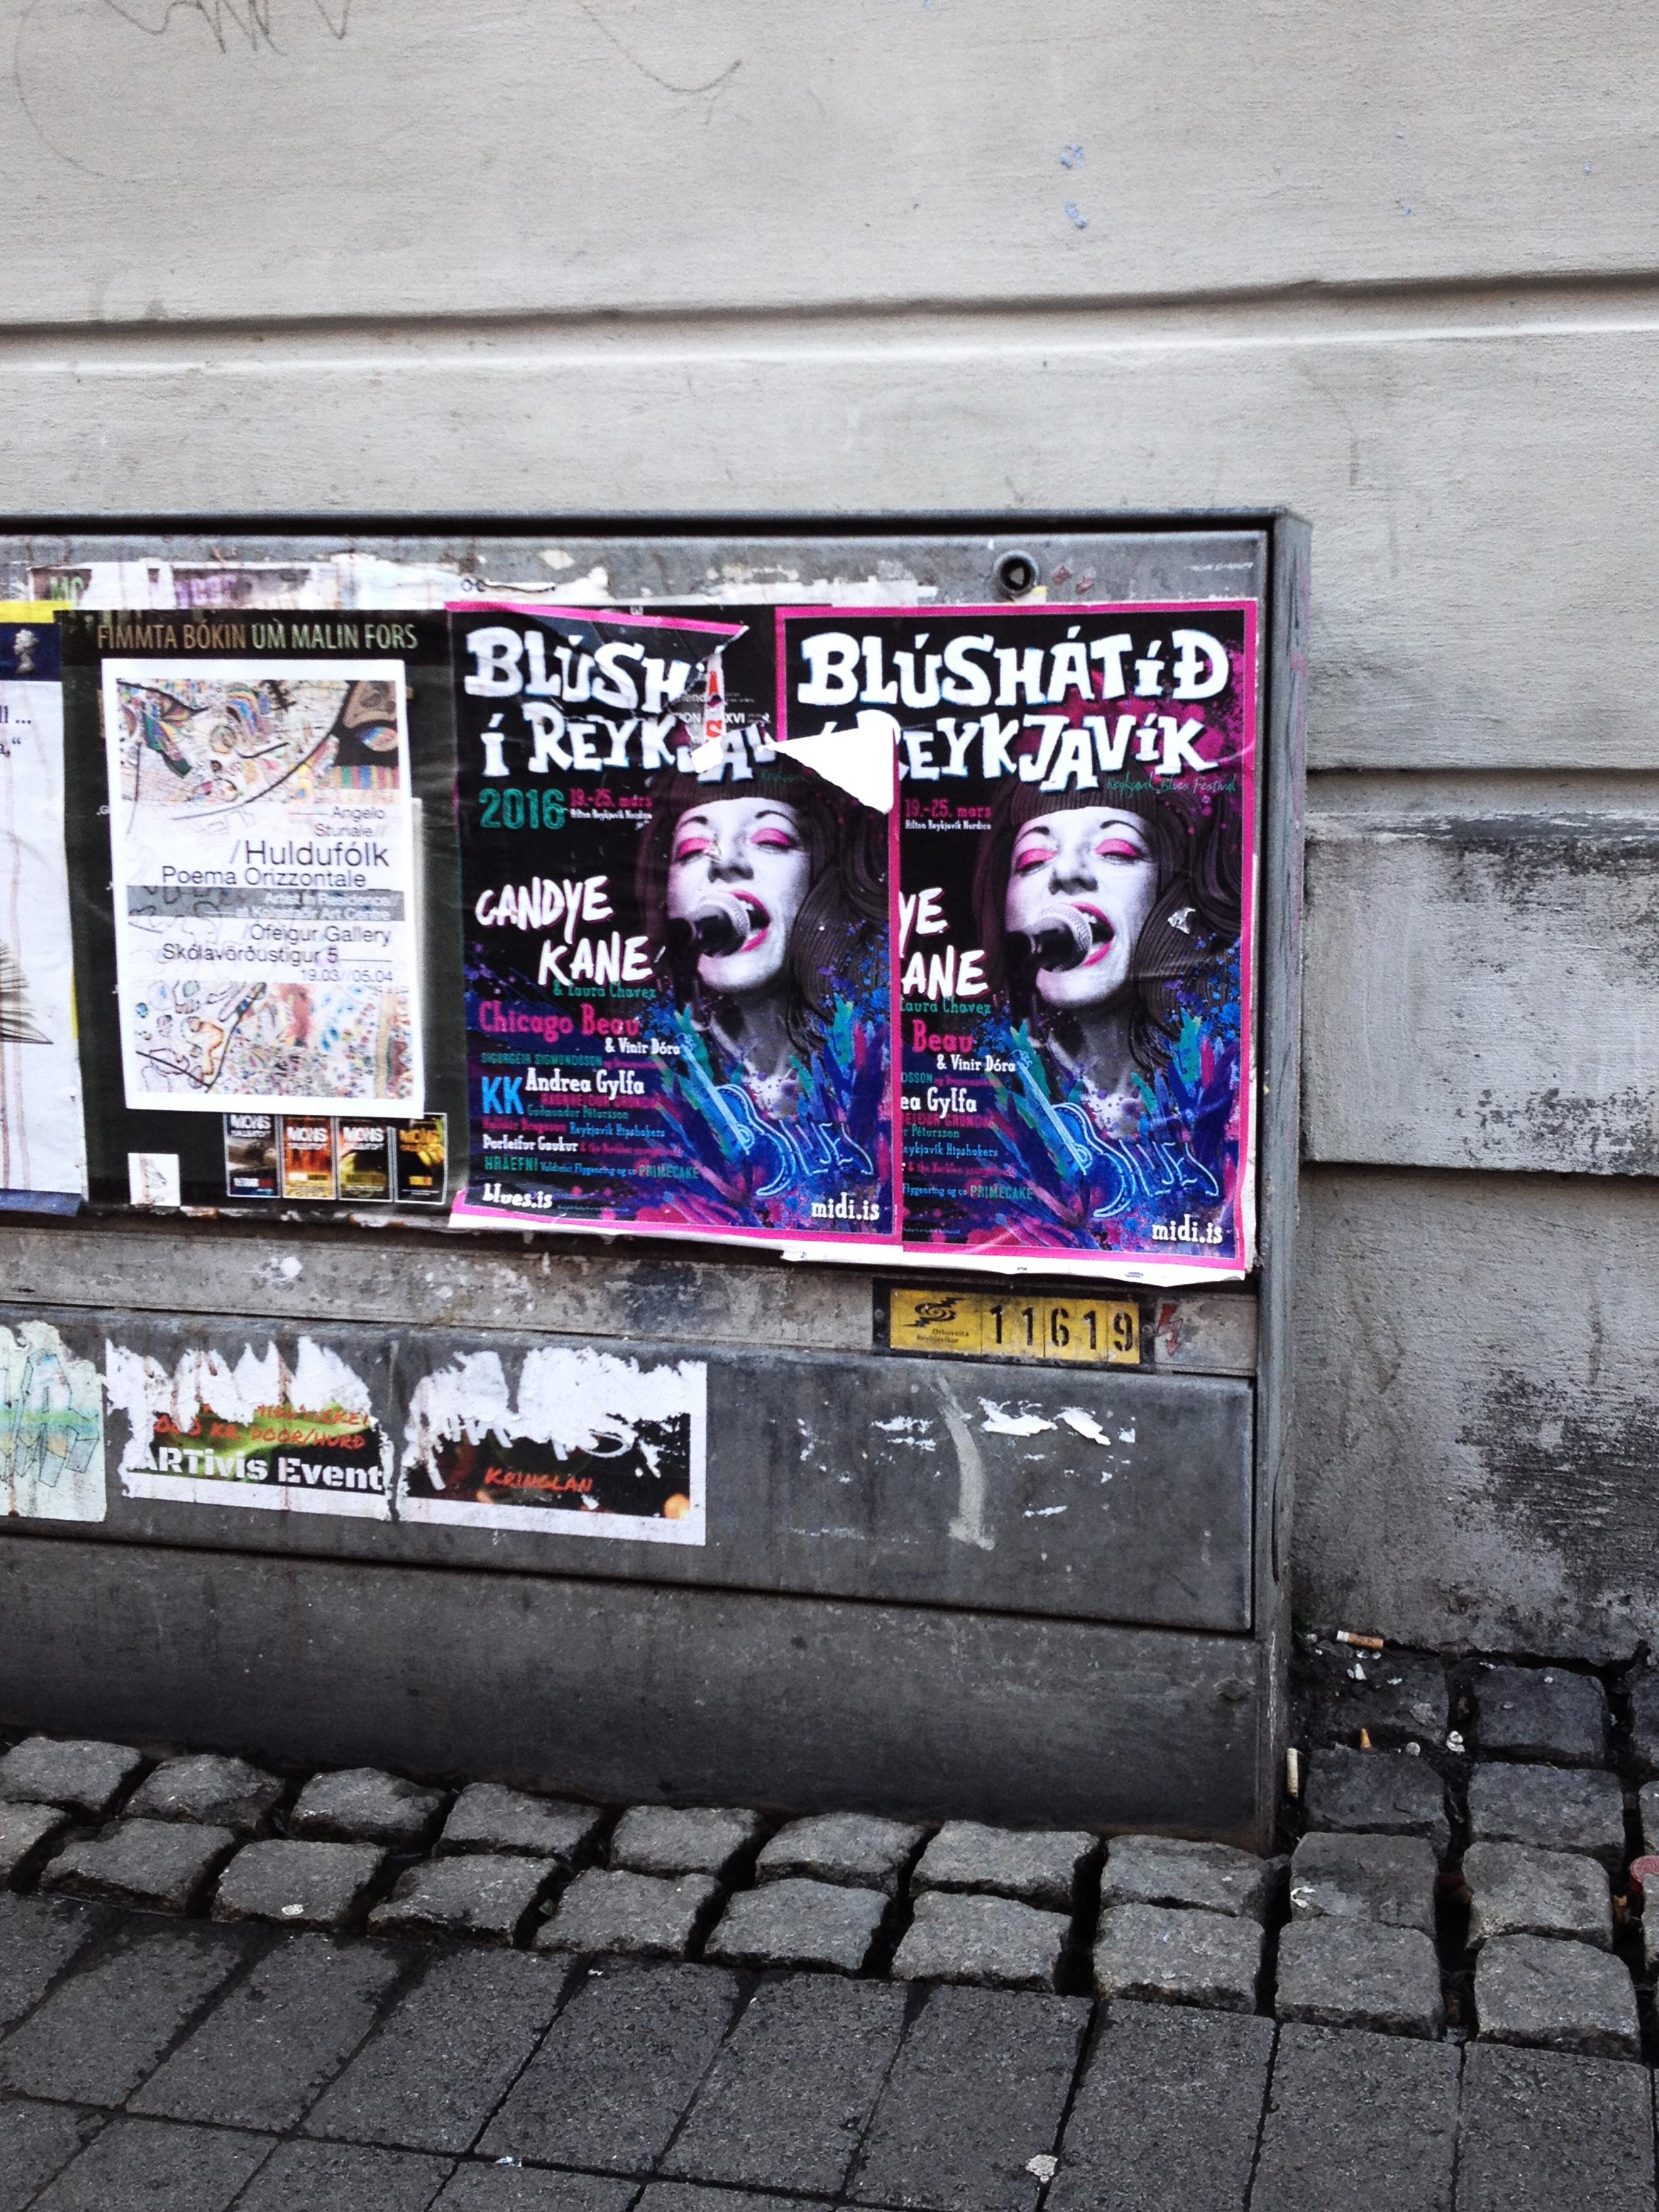 Blues_iceland2